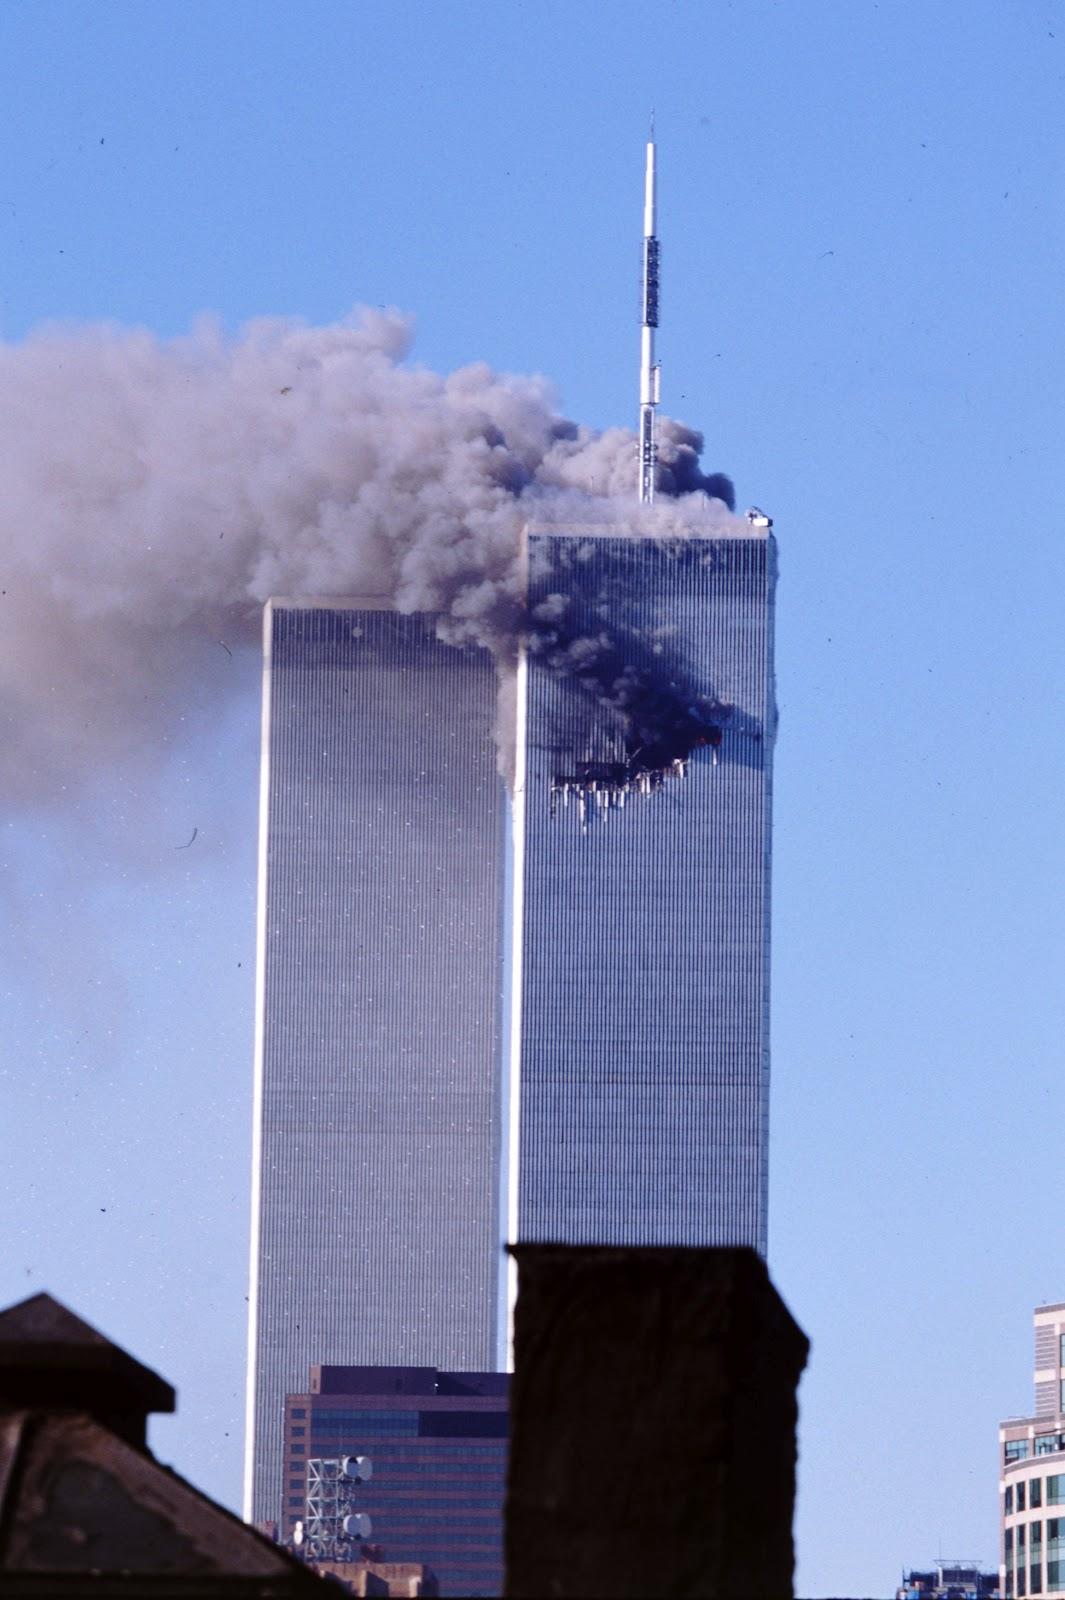 Witness To Tragedy